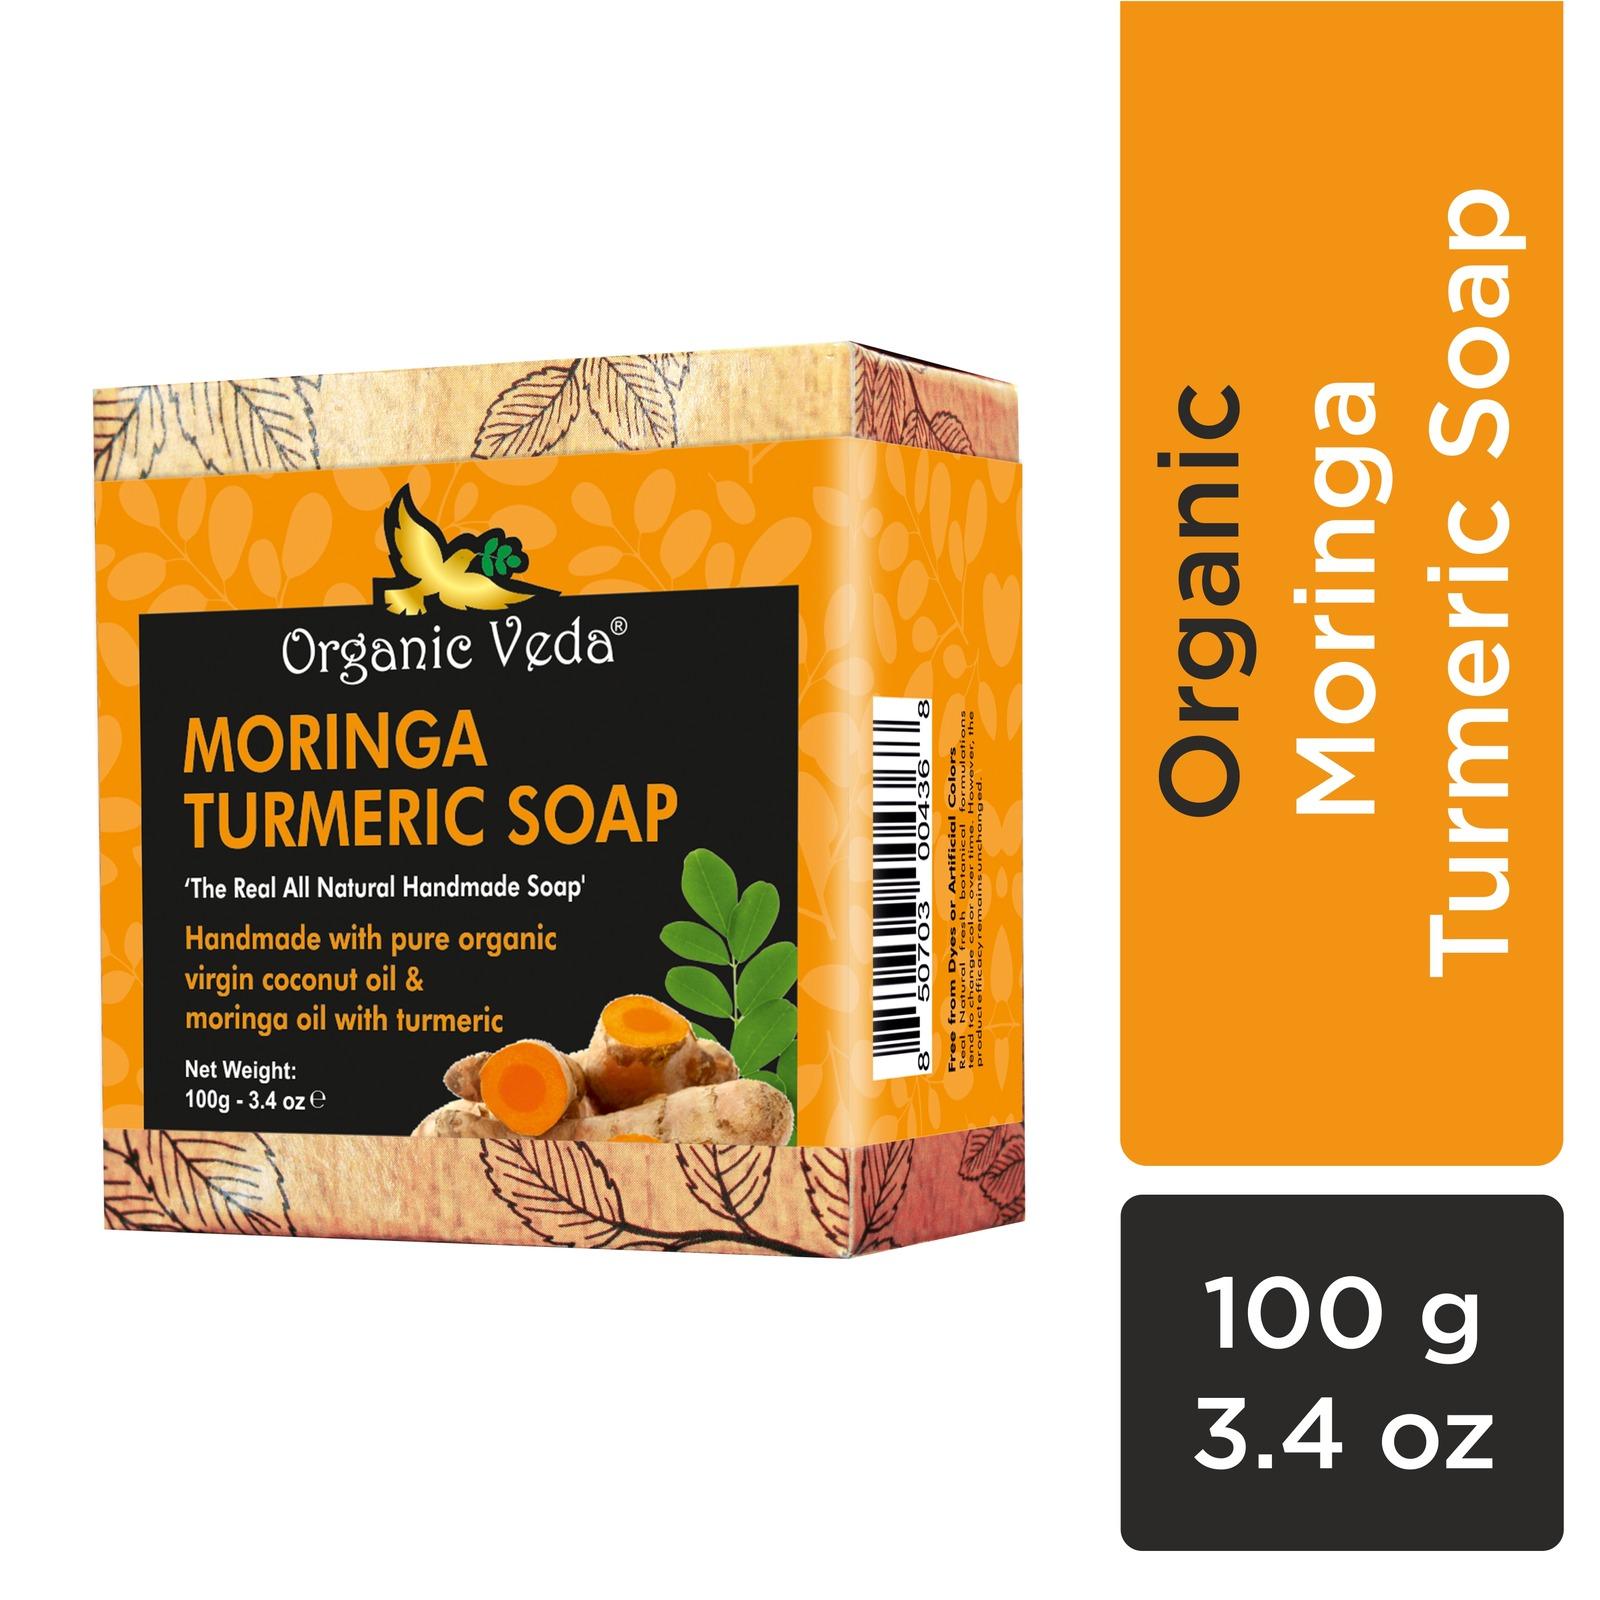 Organic Veda Moringa Turmeric Soap 100 Grams / 3.4 oz